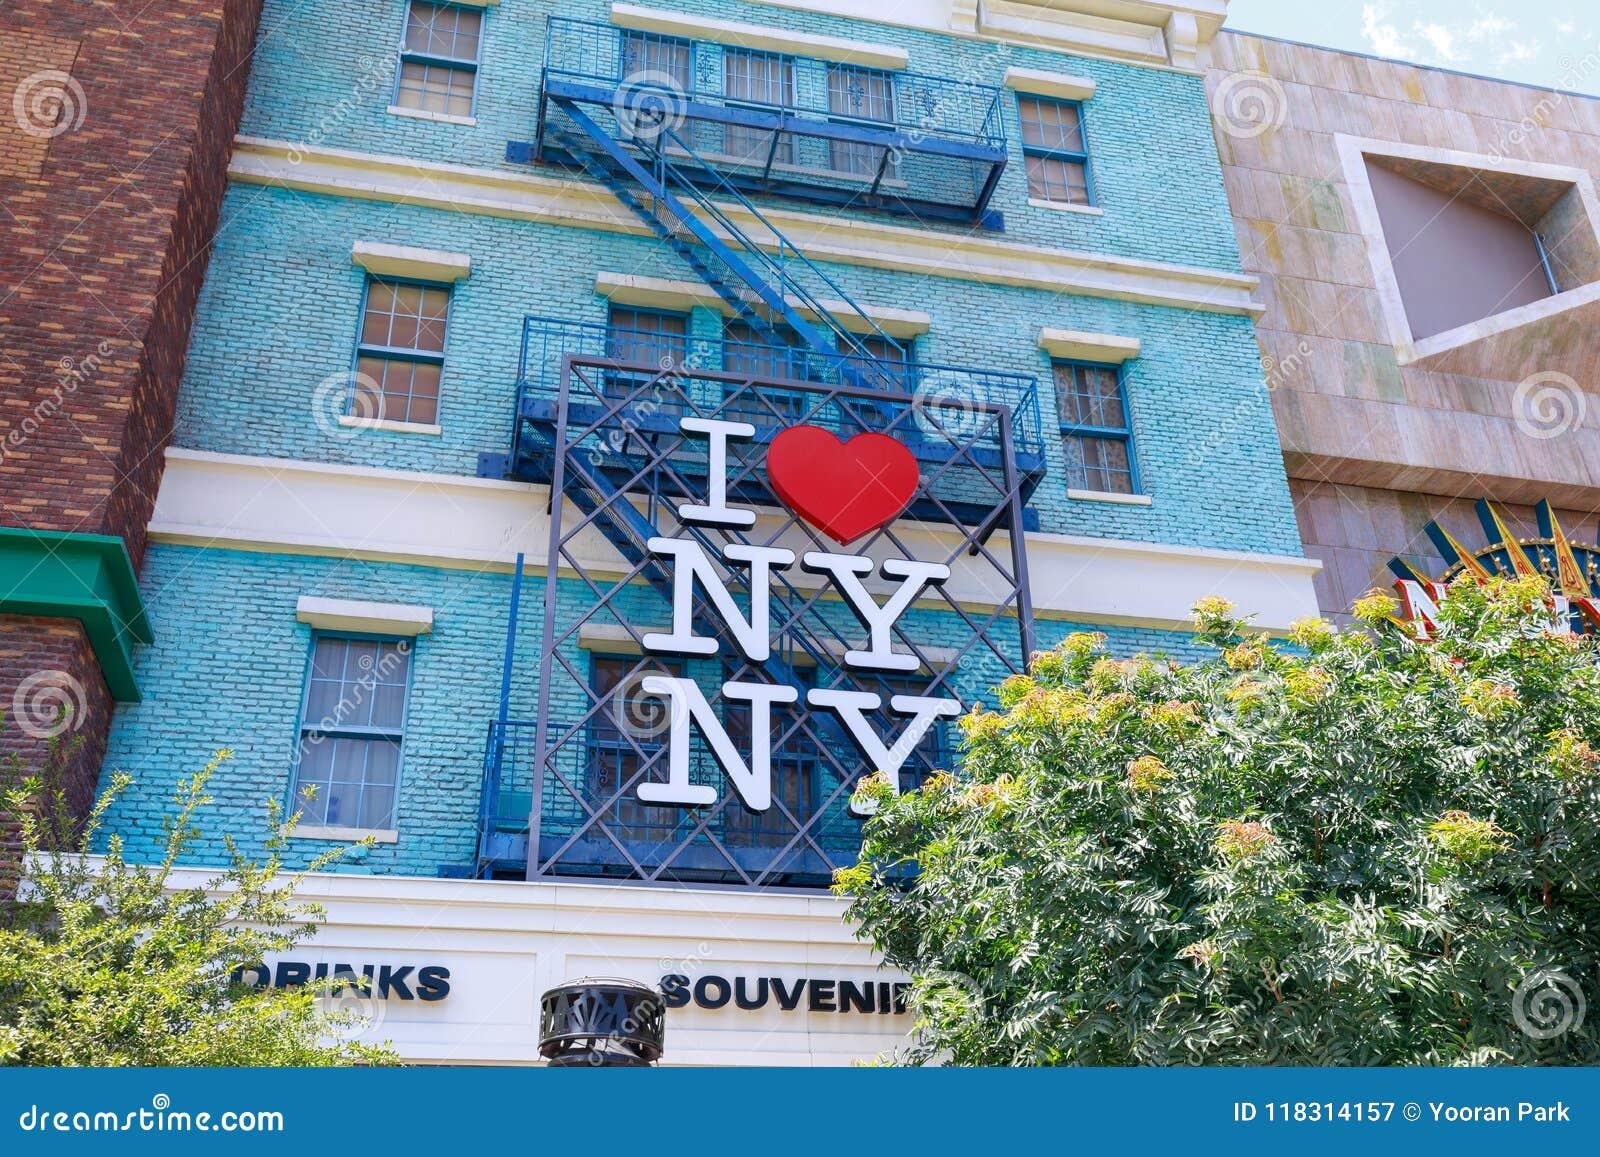 I hartny teken, het Nieuw York-Nieuw Hotel van York en Casino, de Strook van Las Vegas in Paradijs, Nevada, Verenigde Staten